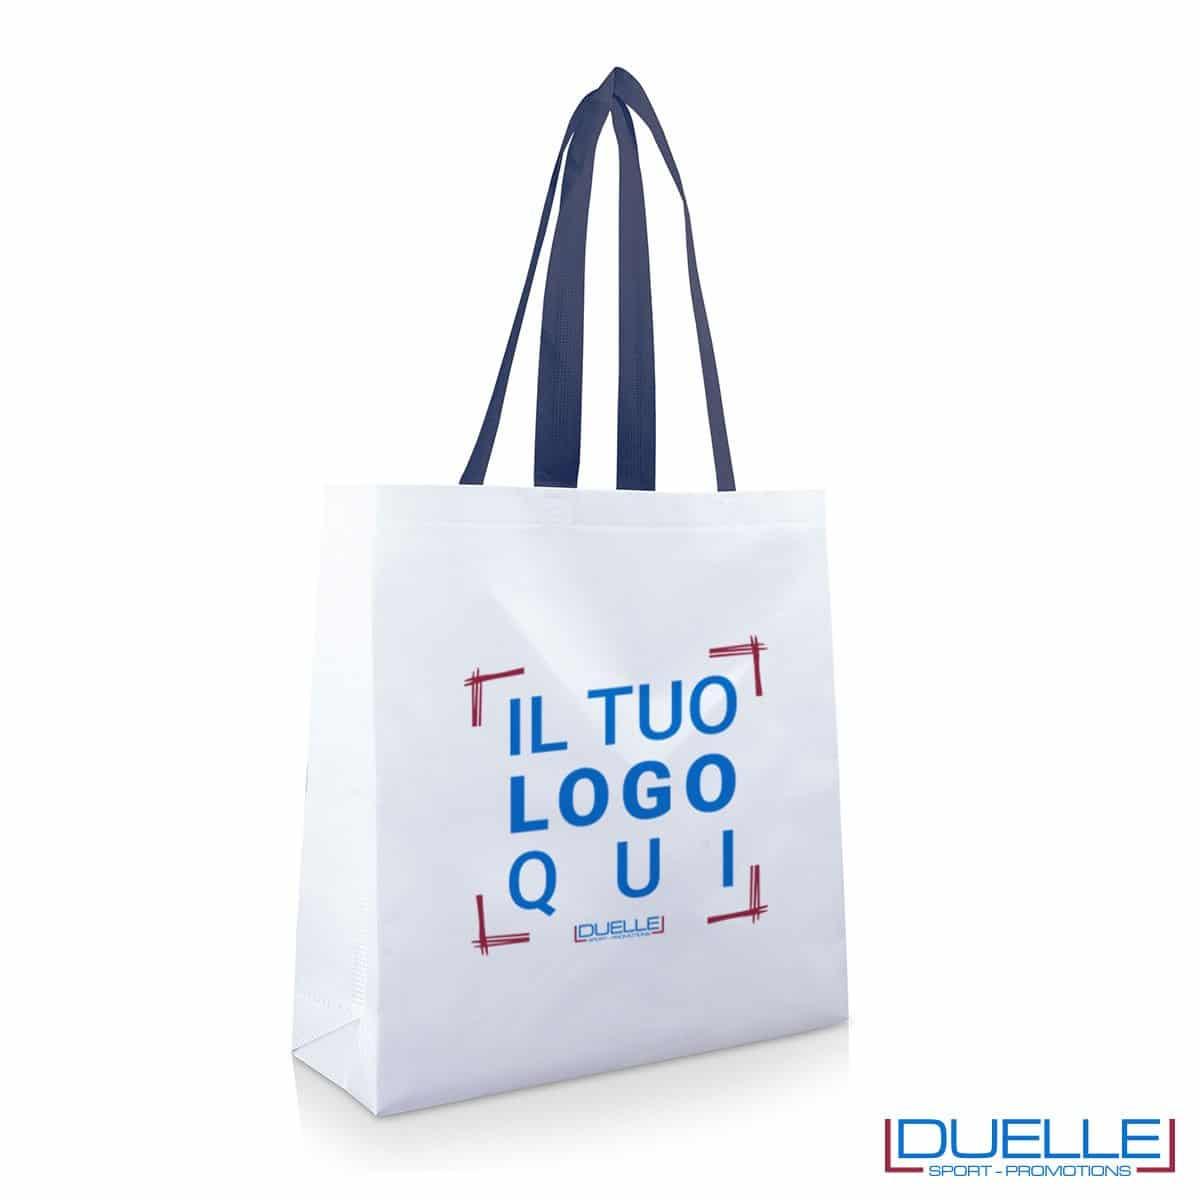 Shopper personalizzata in TNT laminato con manici blu navy